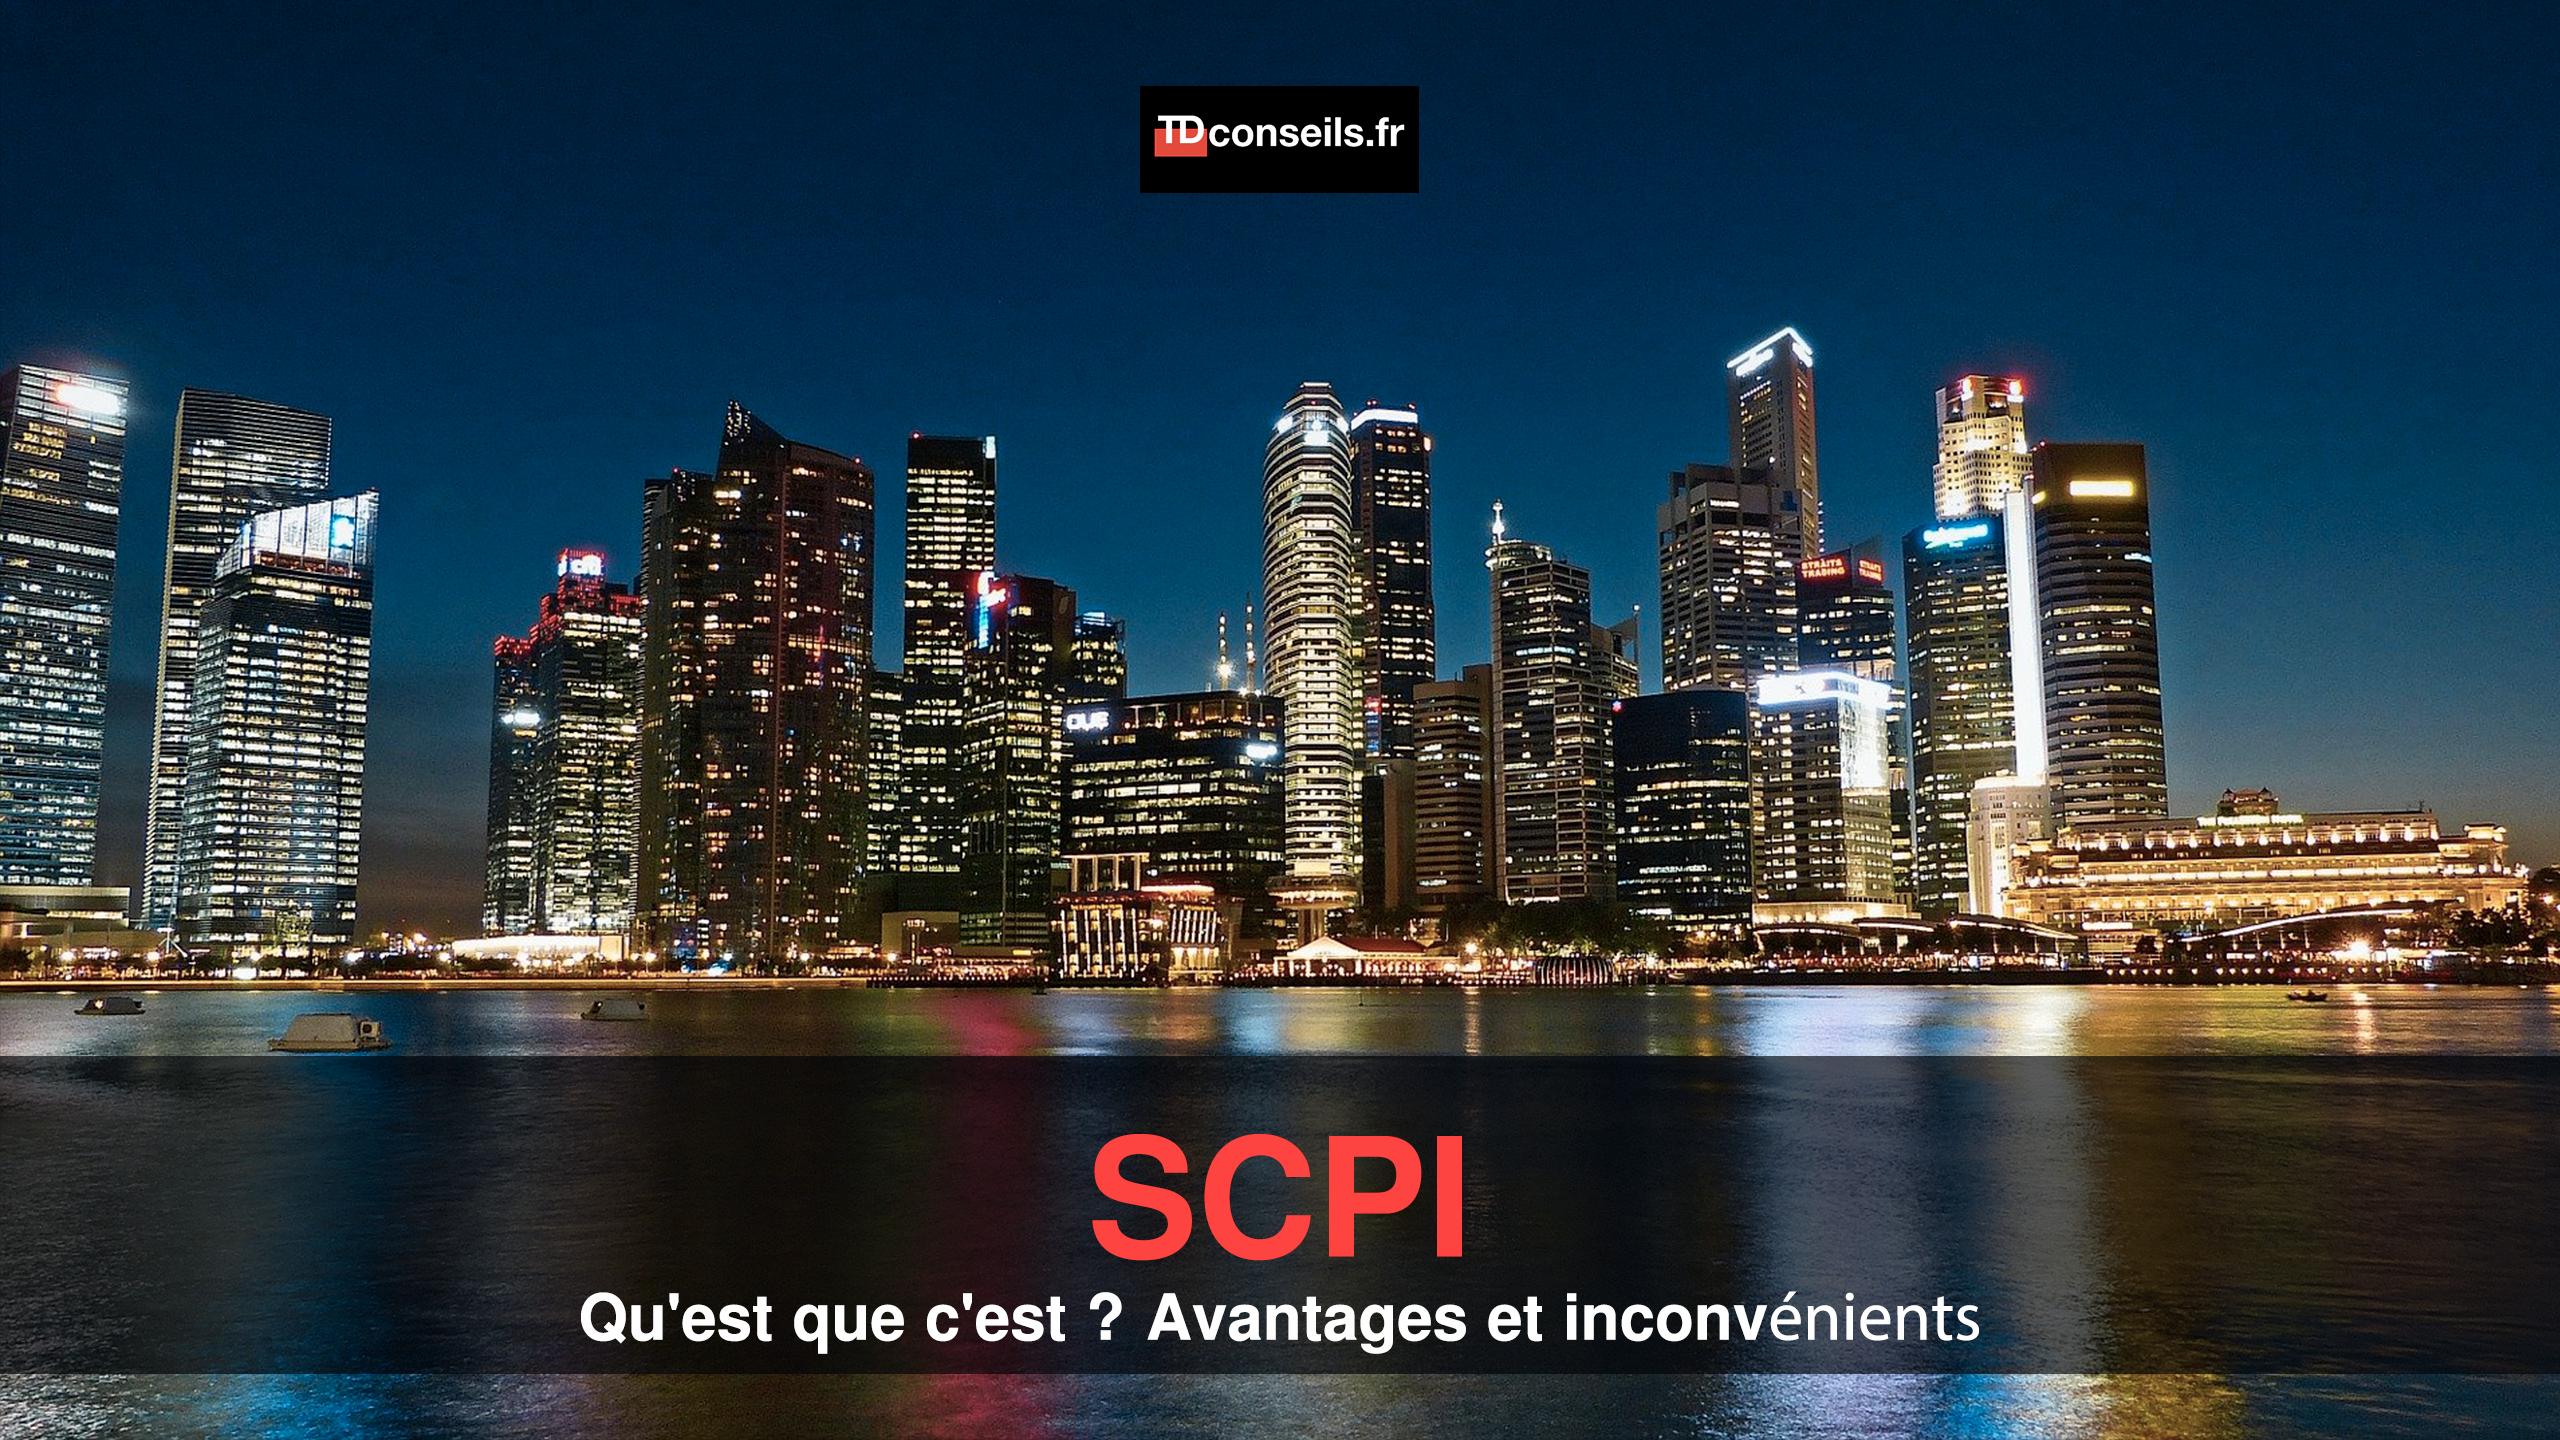 Les SCPI